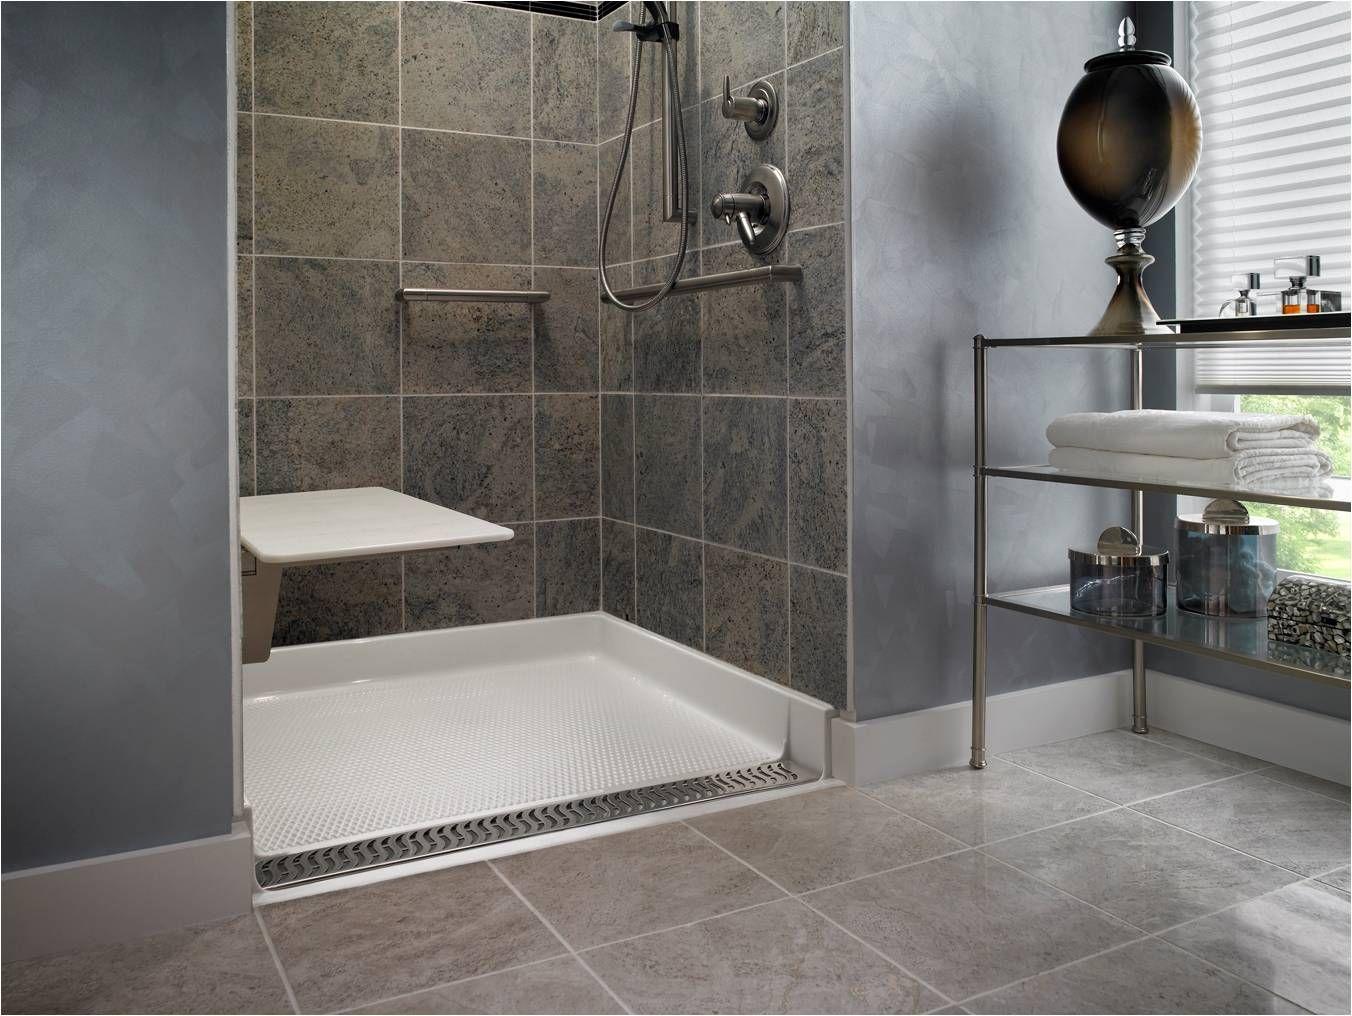 Tile Zero Threshold Shower #UniversalDesignTips >> Learn ...